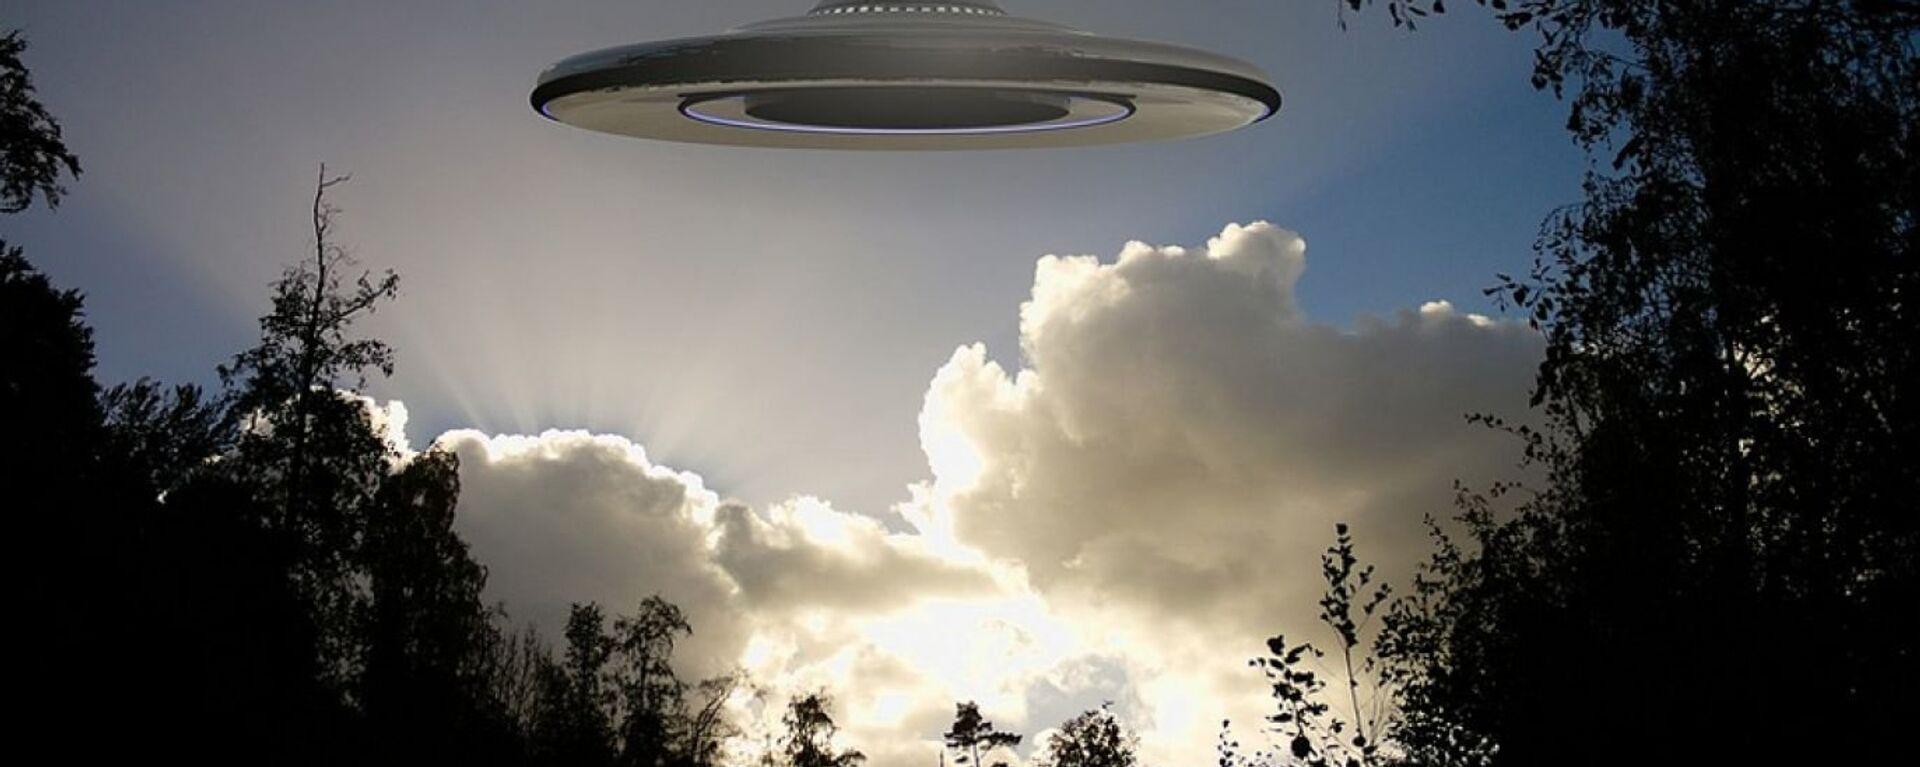 UFO - Sputnik Italia, 1920, 26.06.2021